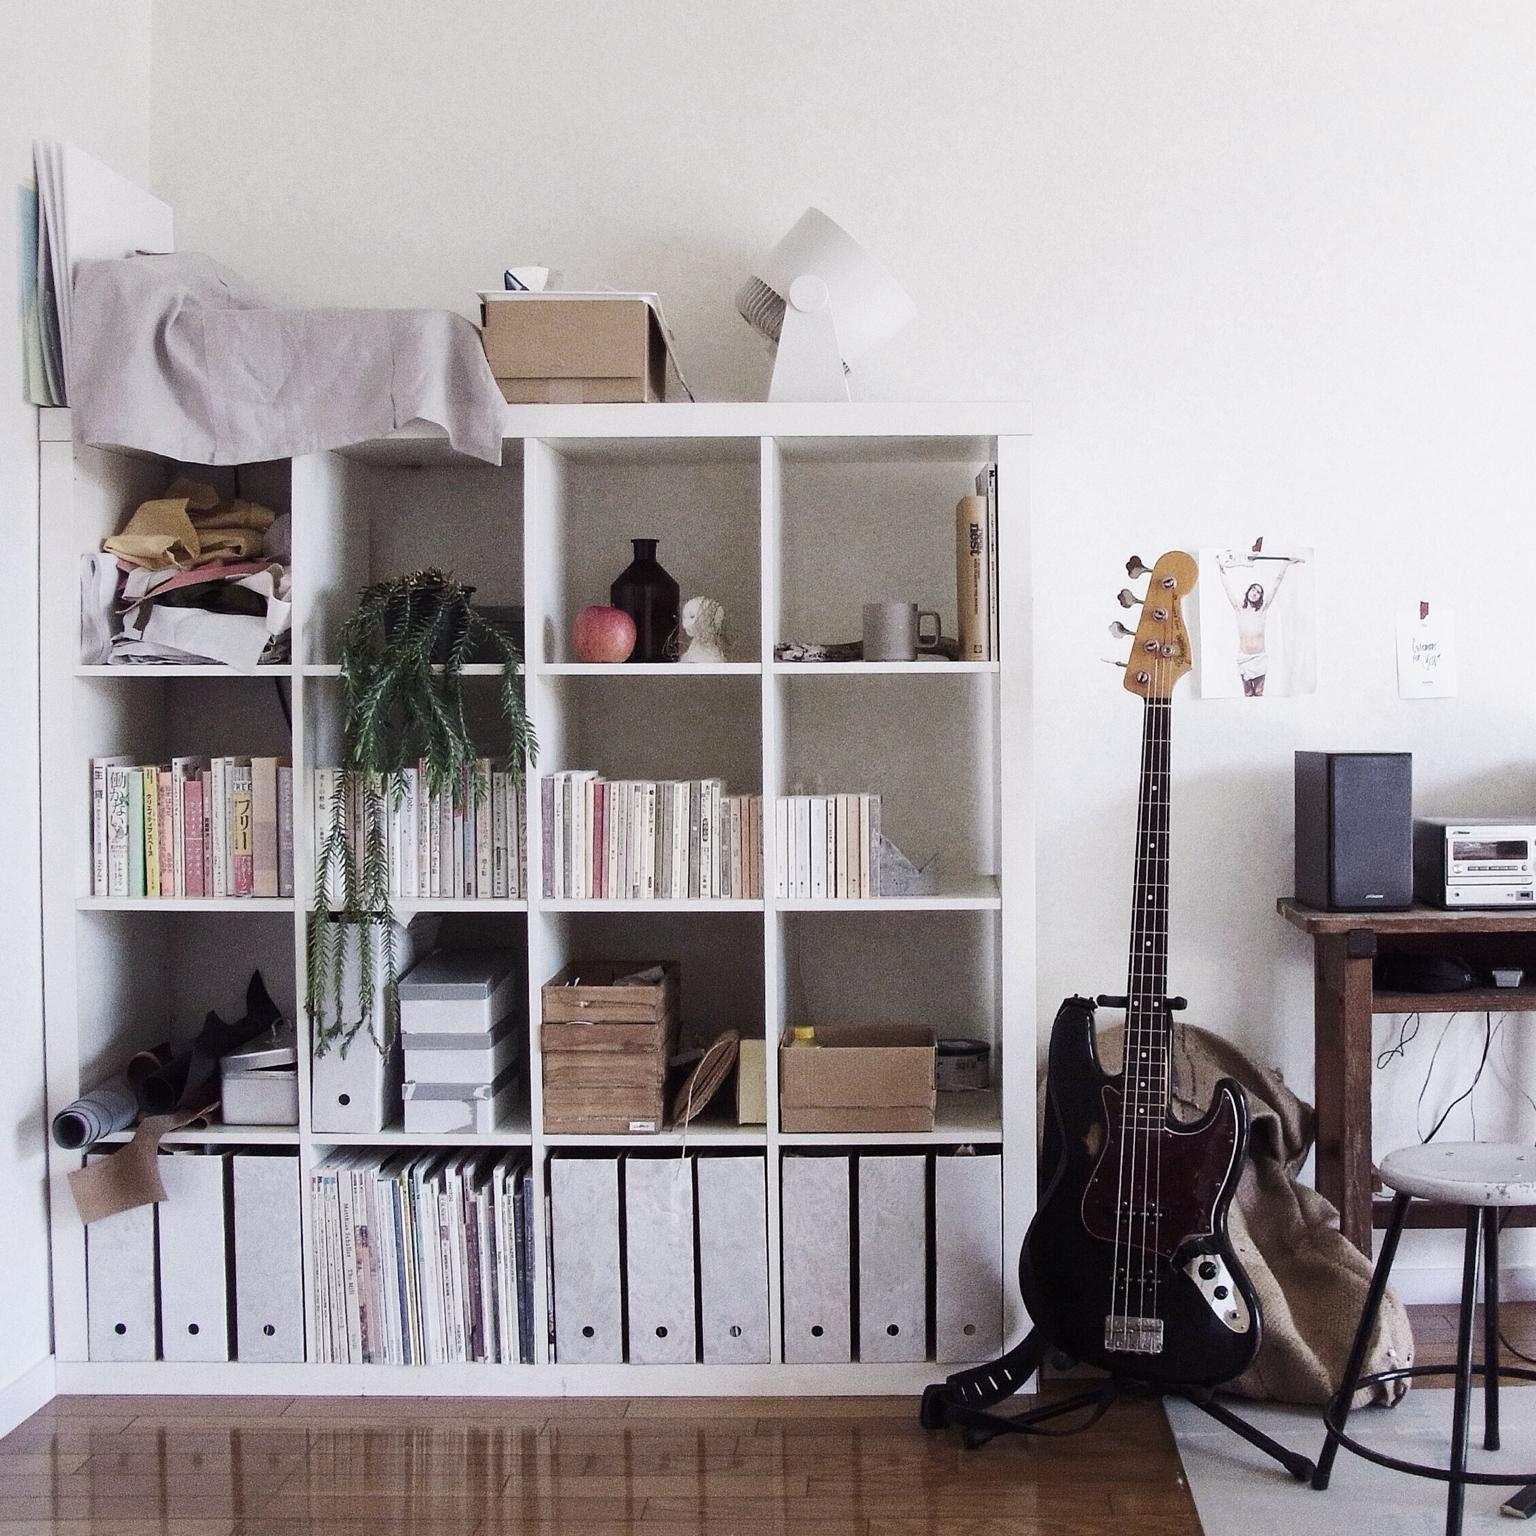 ニトリ・IKEA・無印良品で見つける♪ 一人暮らしのシェルフ | RoomClip mag | 暮らしとインテリアのwebマガジン